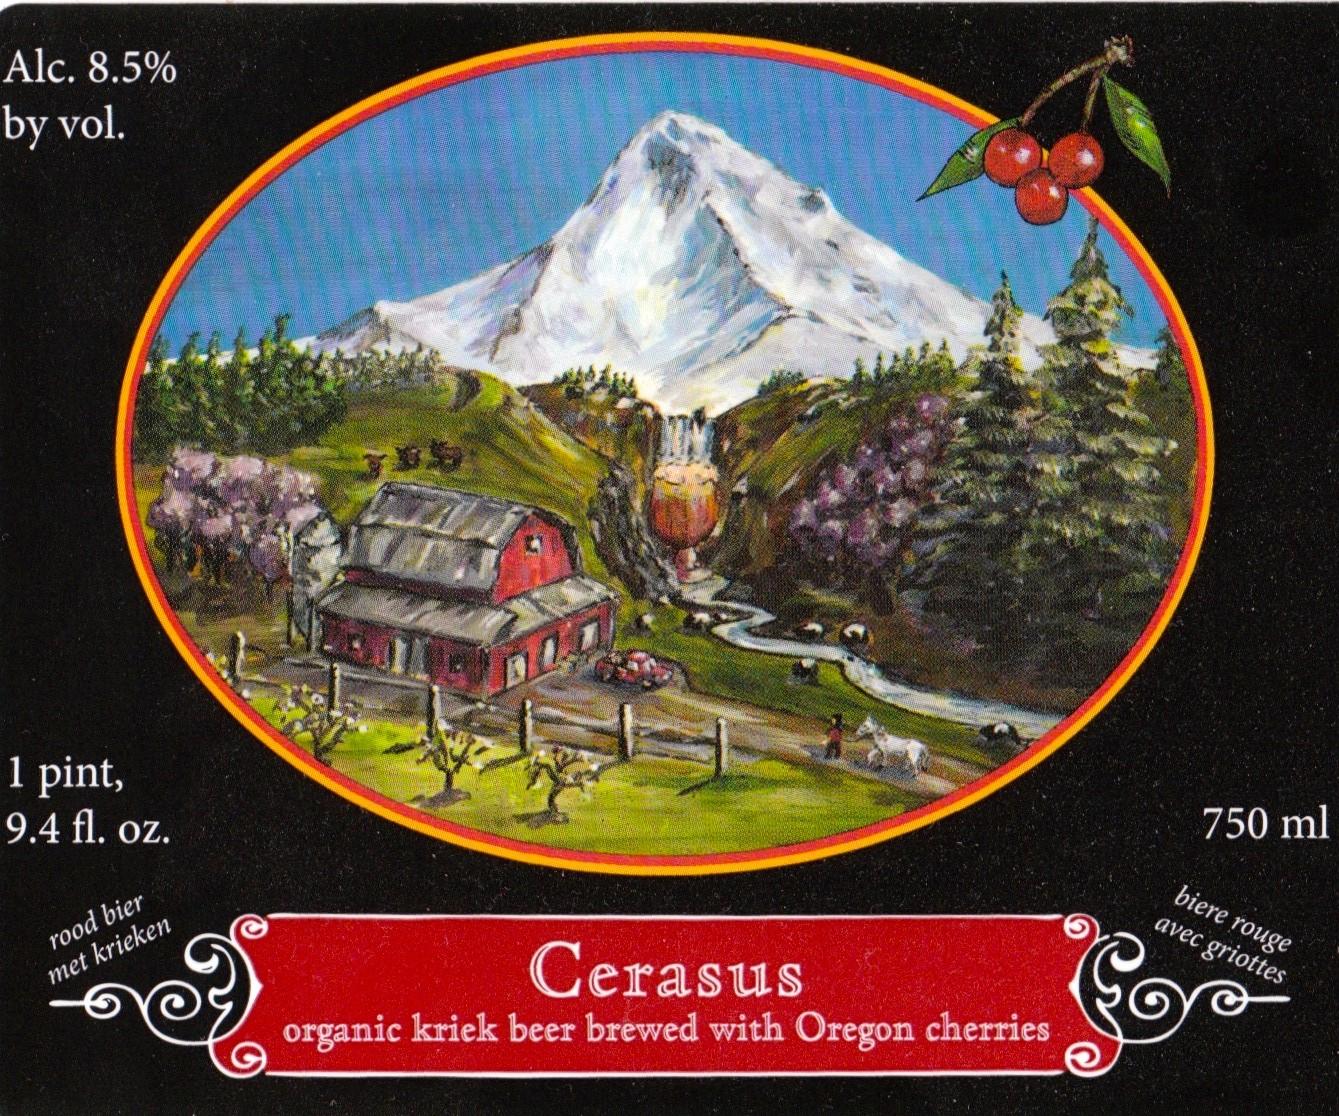 Logsdon Farmhouse Ales Cerasus Bottle Release